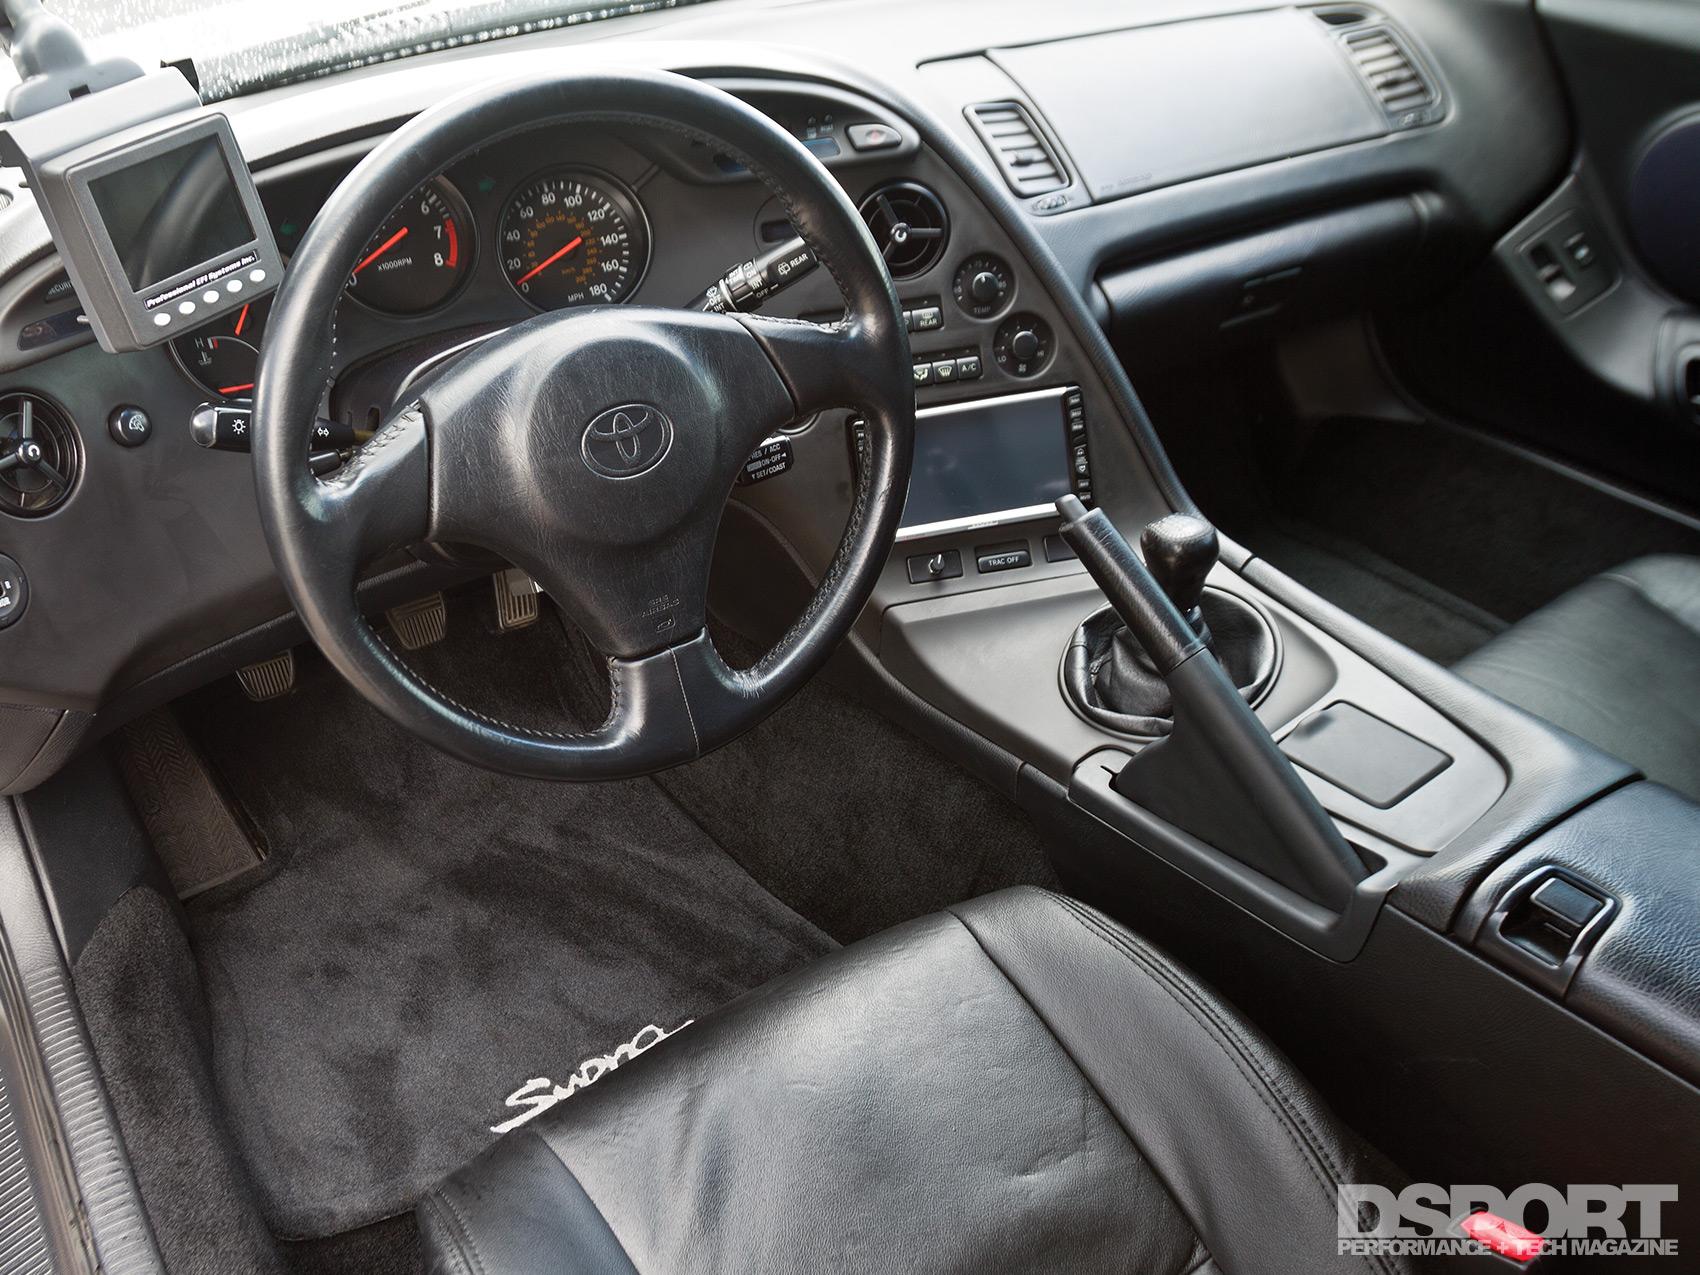 Kelebihan Kekurangan Toyota Supra 2Jz Murah Berkualitas